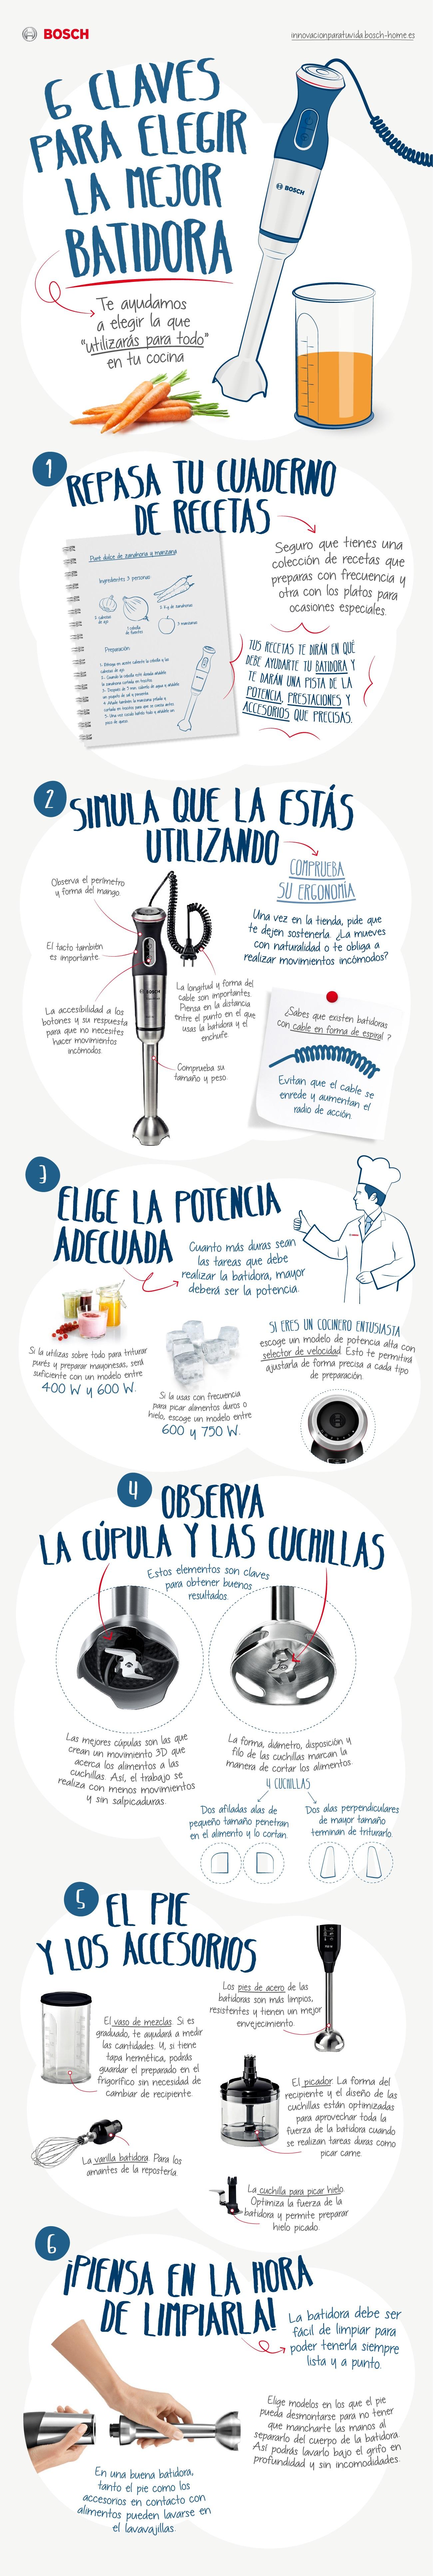 Desde Bosch te damos 6 sensillos consejos para que elijas la mejor batidora: aquella que se adapta a tus necesidades y a tus recetas.